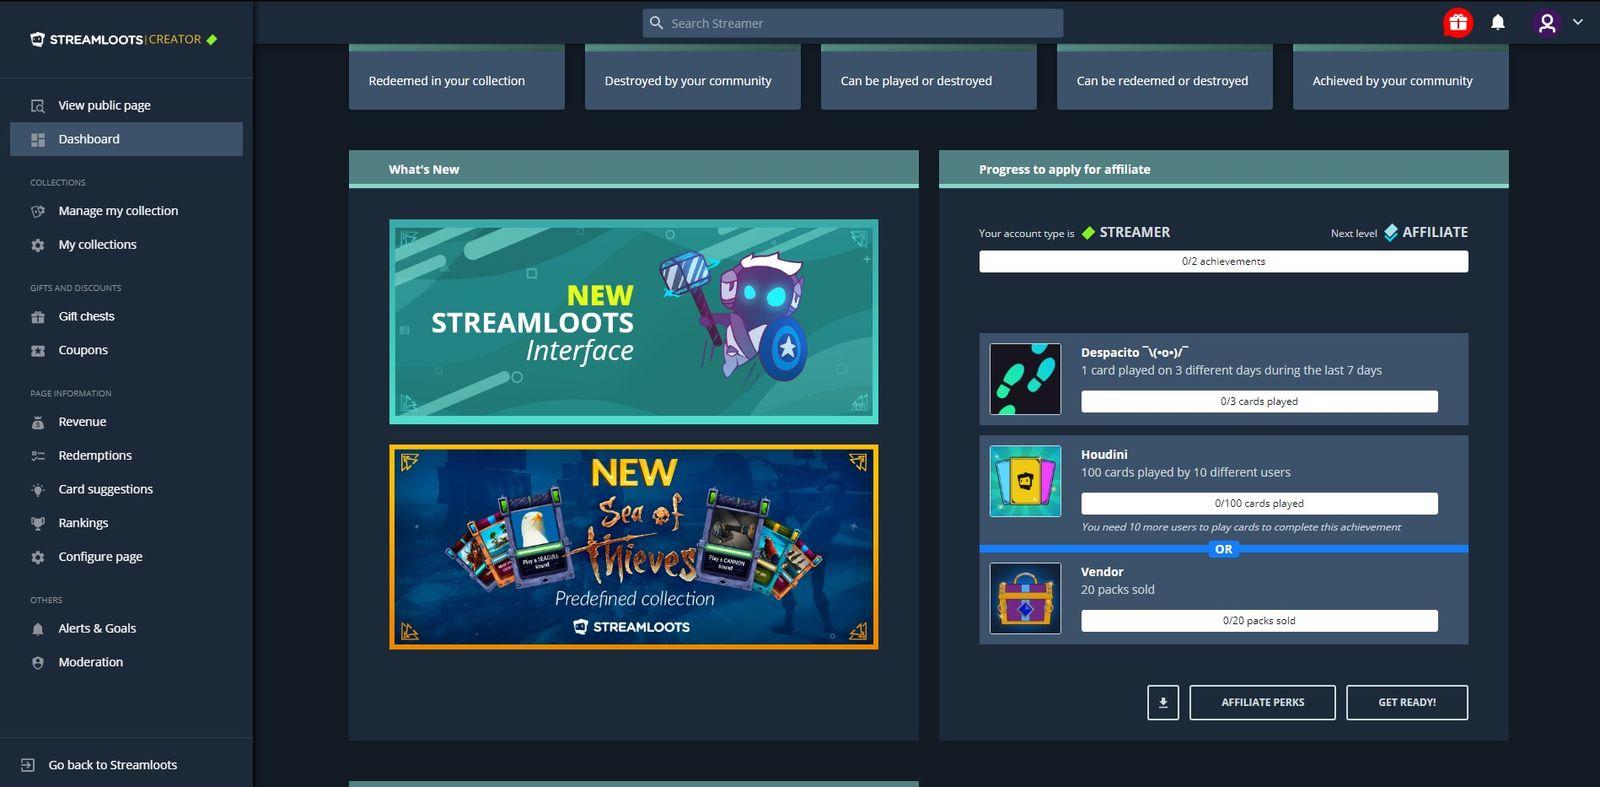 How streamer's account dashboard looks like